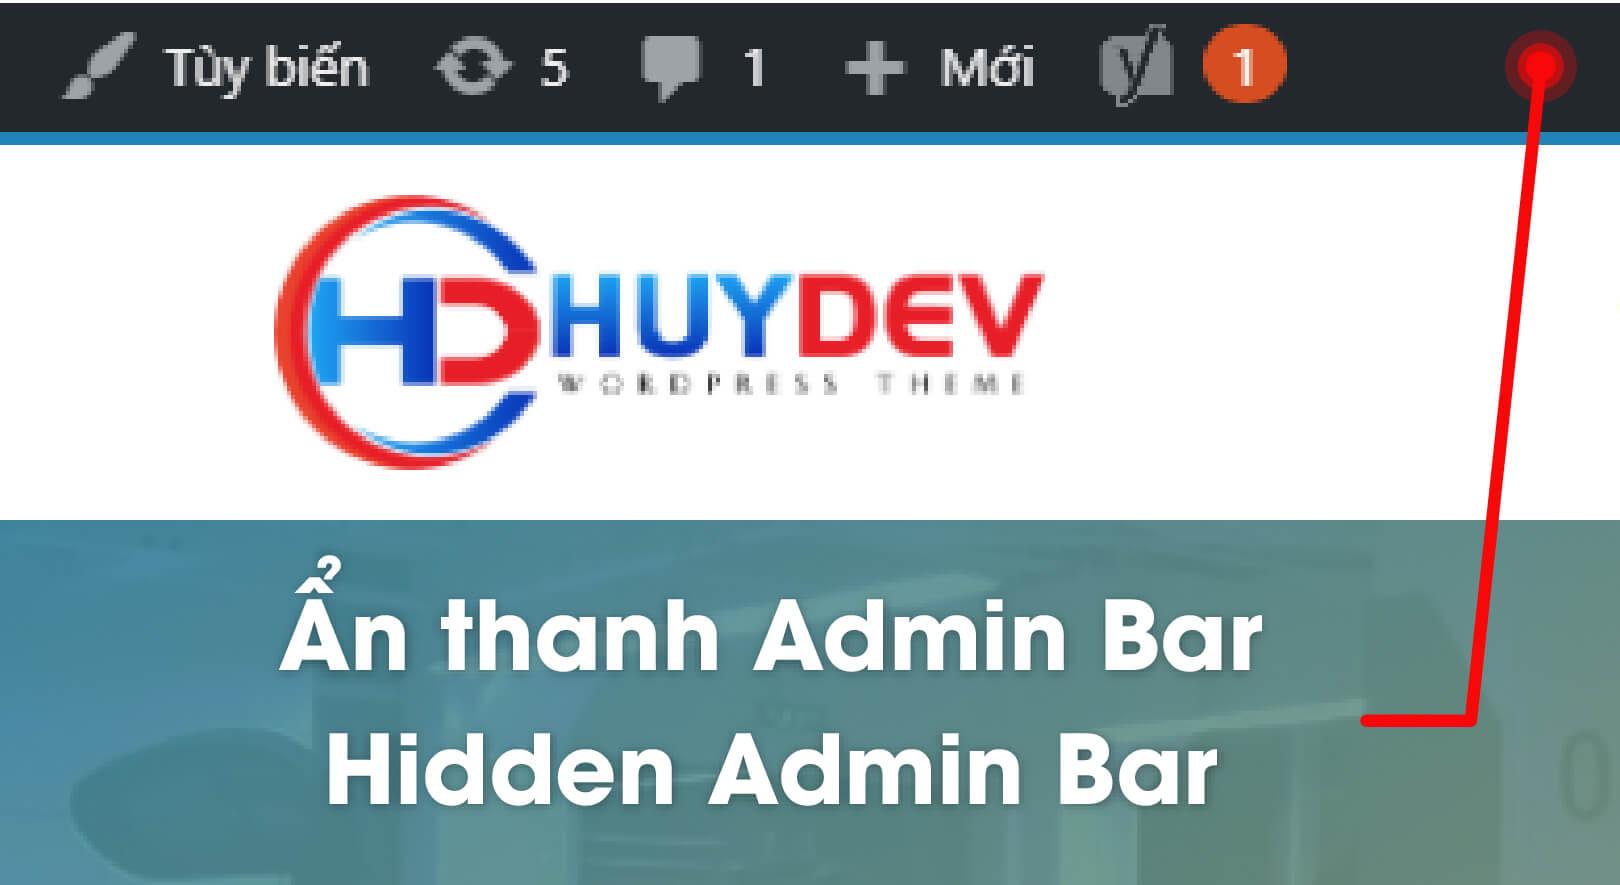 Ẩn thanh Admin Bar trong WordPress không sử dụng Plugin